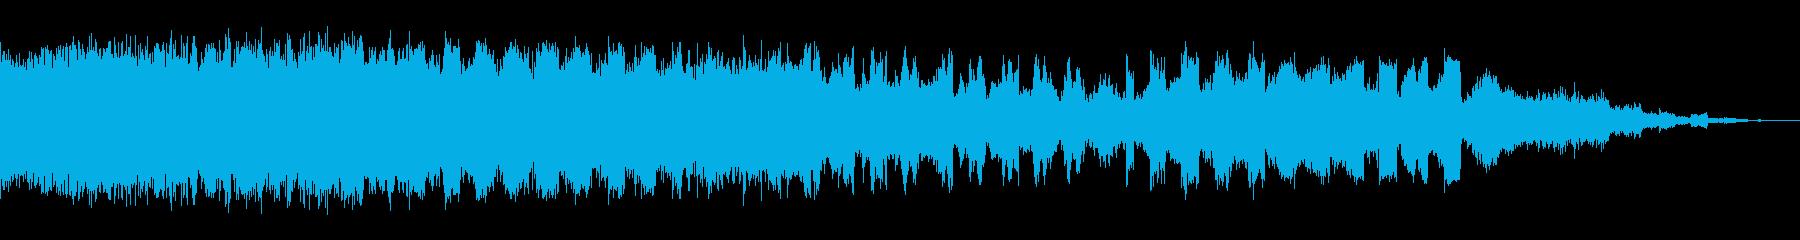 ロング変調パルススイープの再生済みの波形